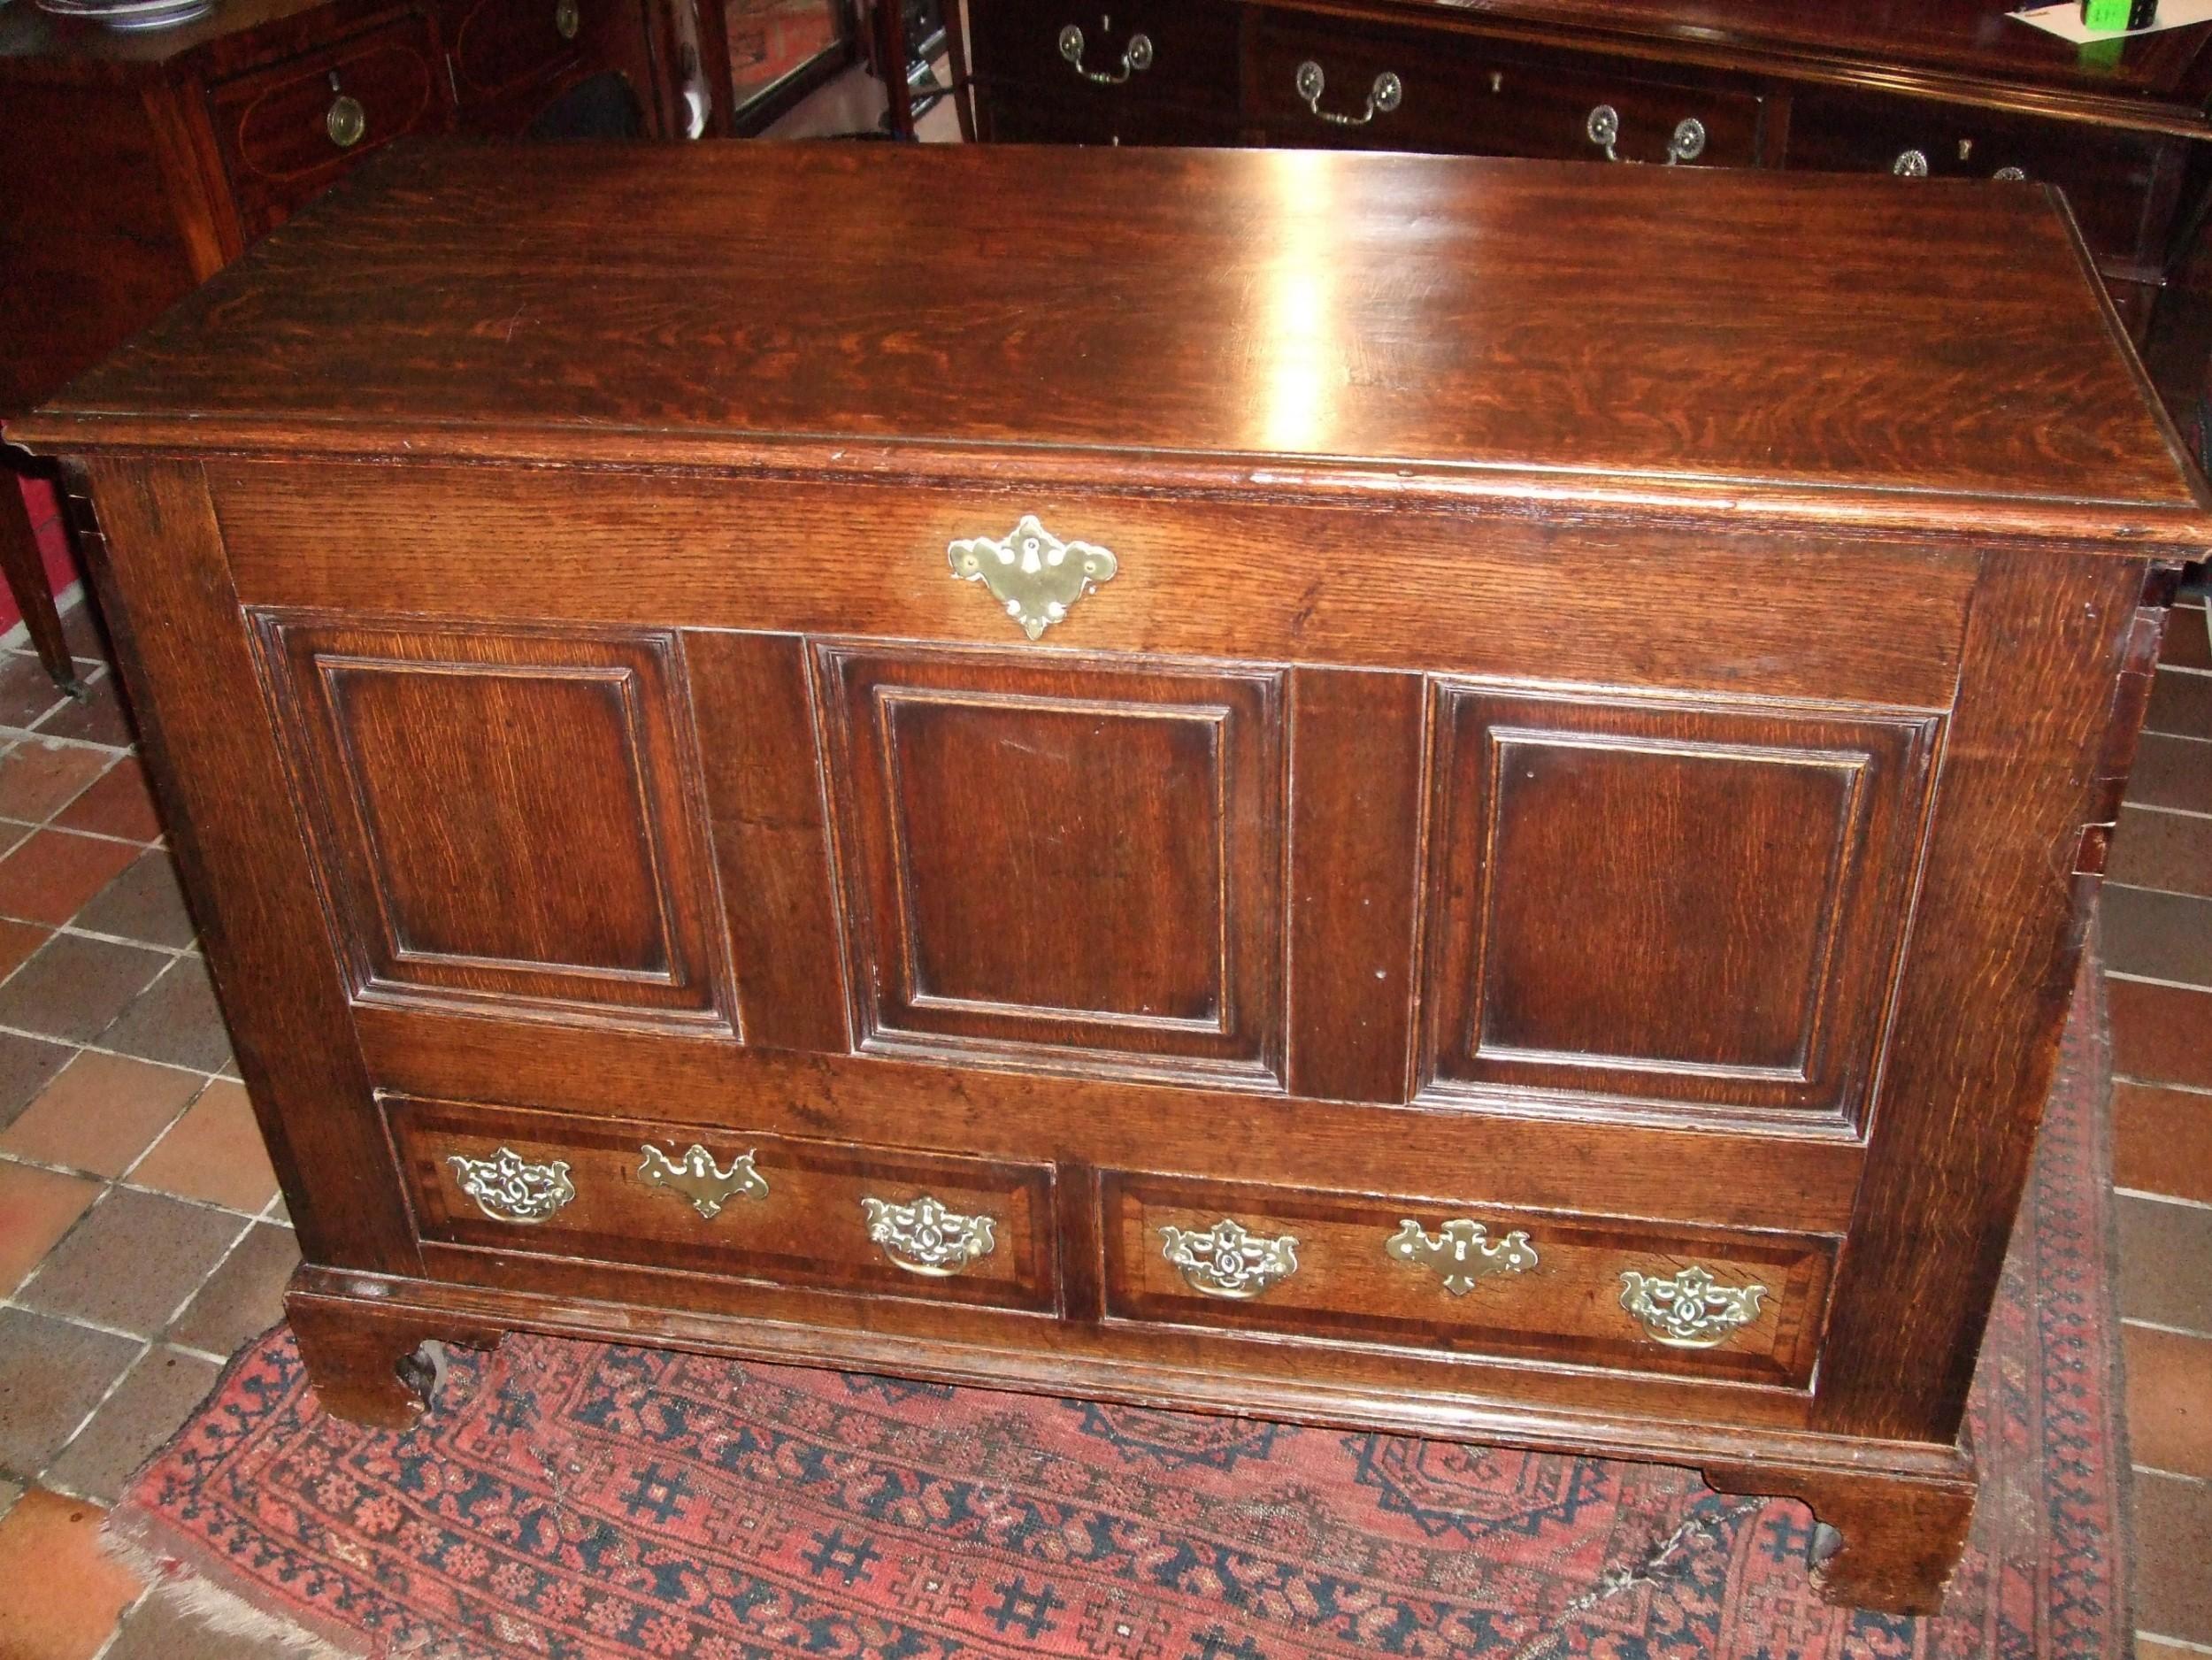 18thc oak mule chest coffer